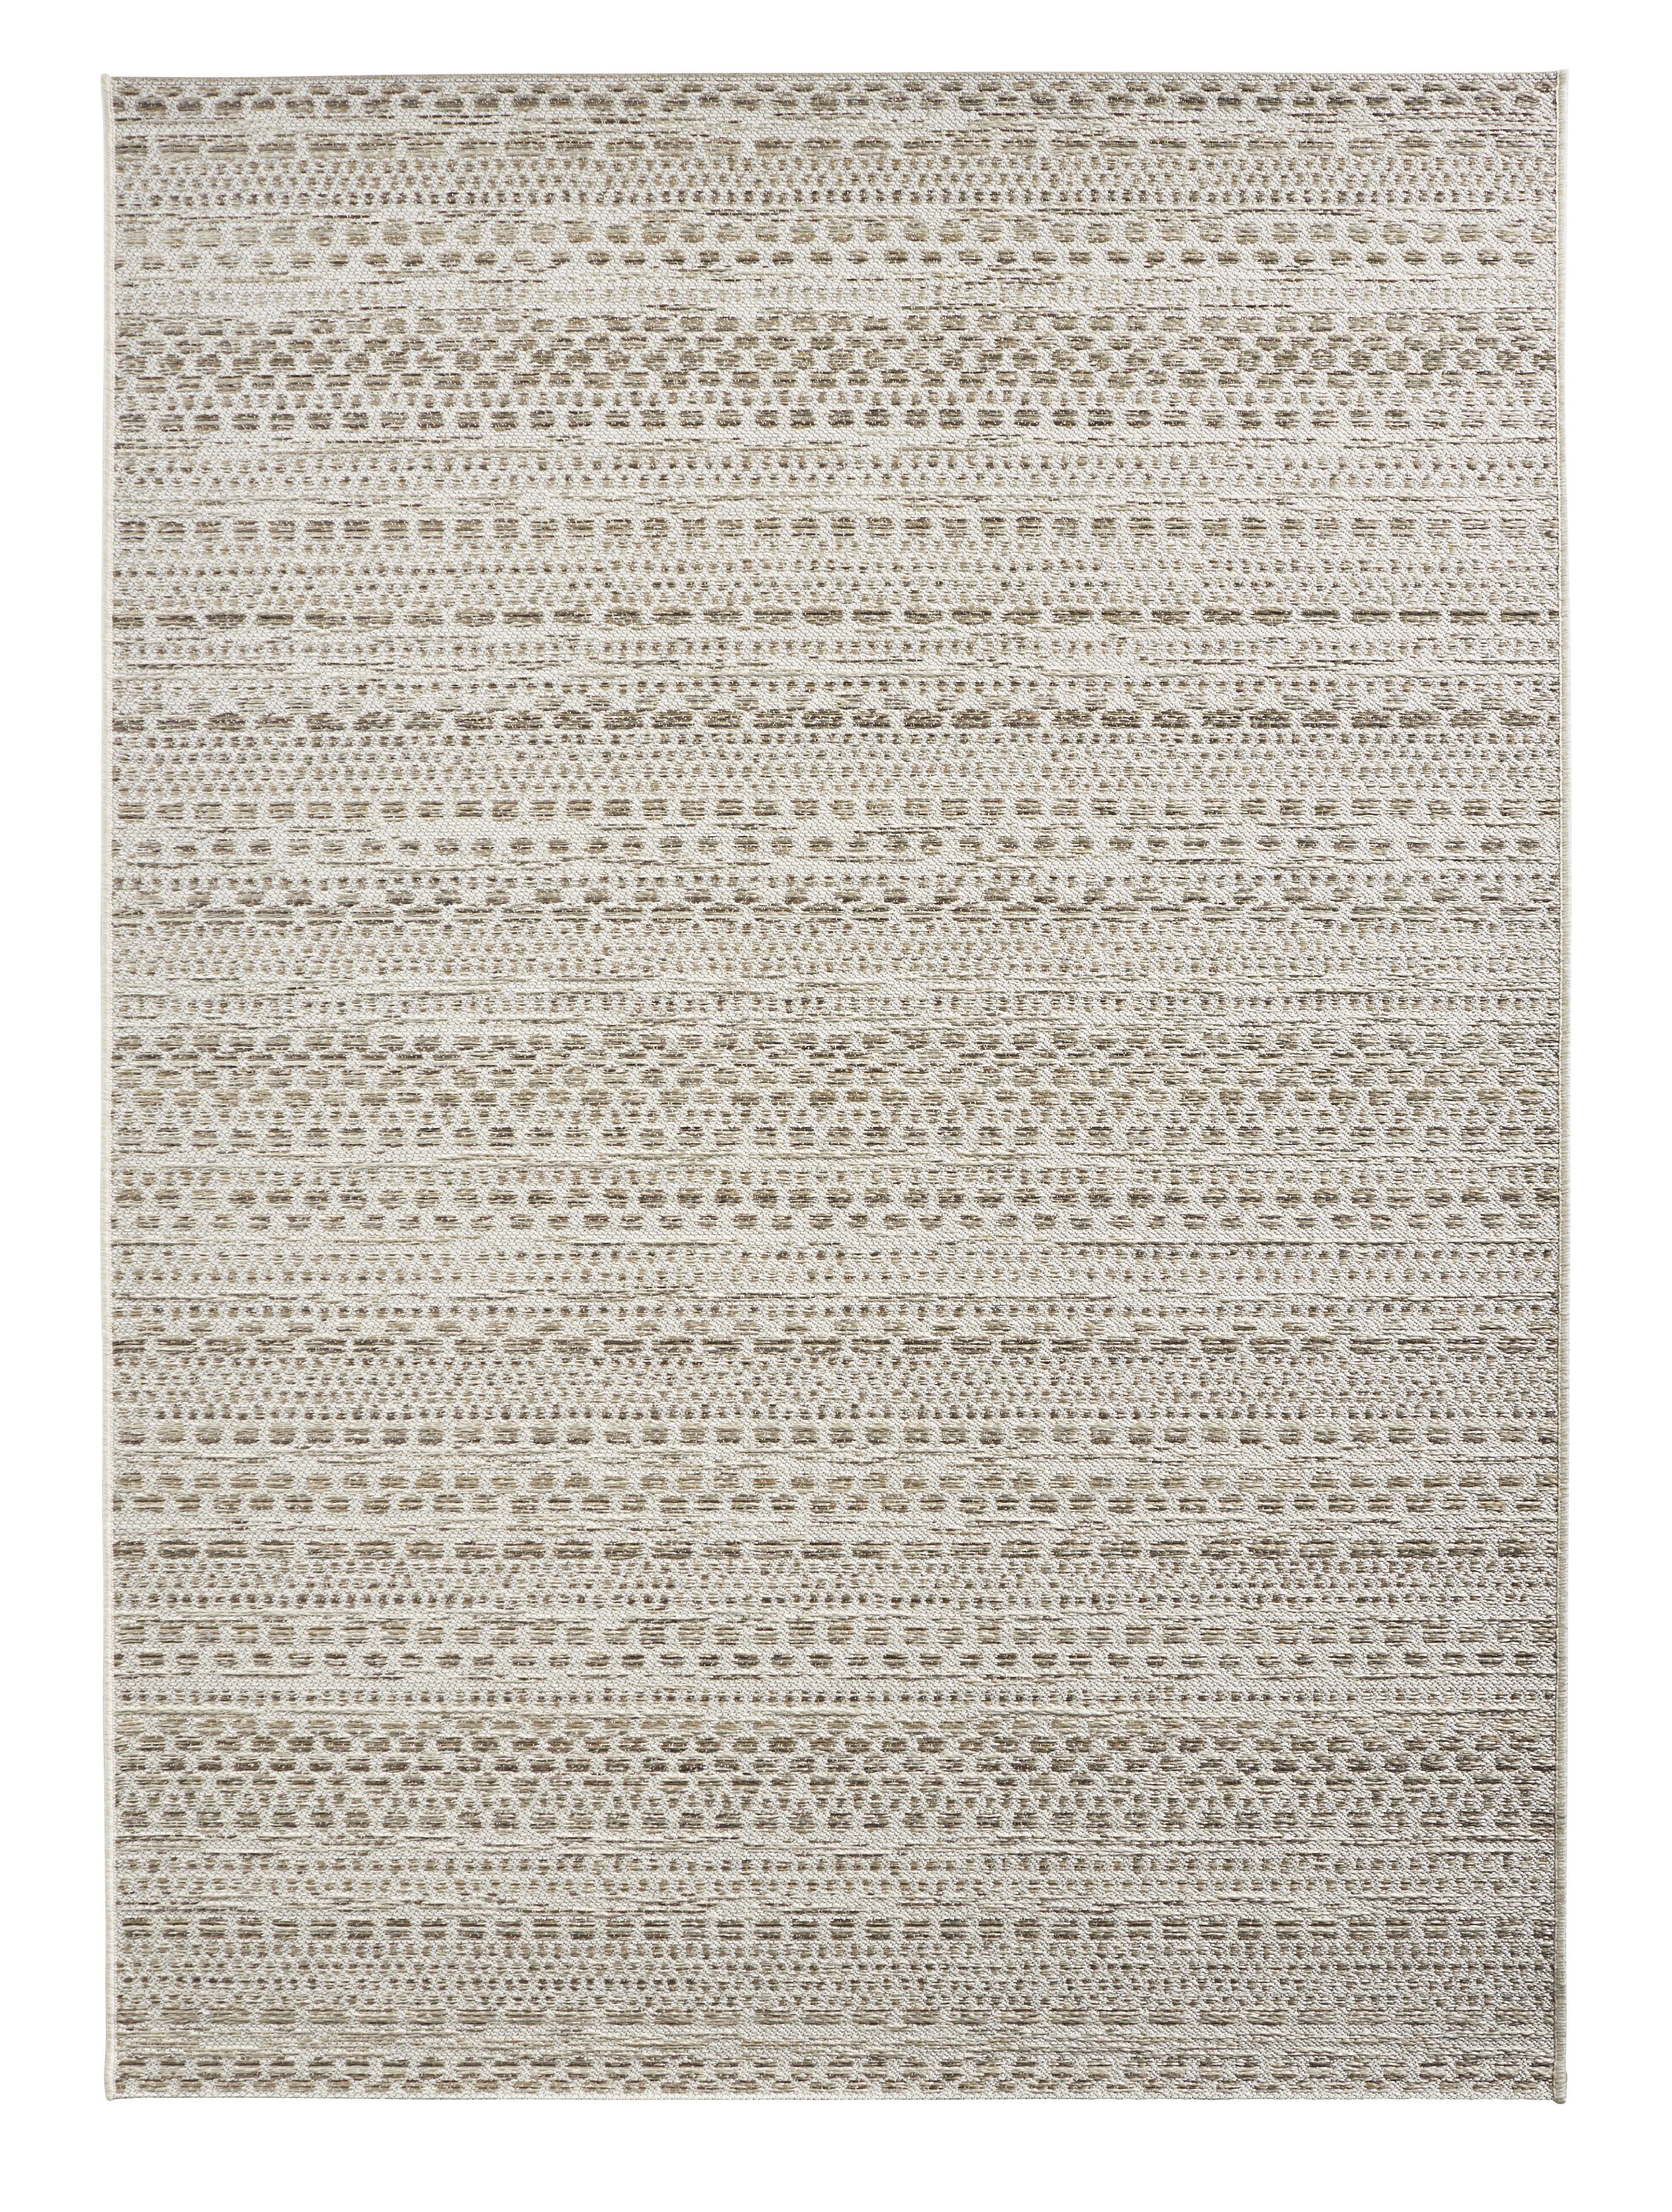 Bougari - Hanse Home koberce Kusový koberec Lotus Creme Taupe 103251 - 160x230 cm